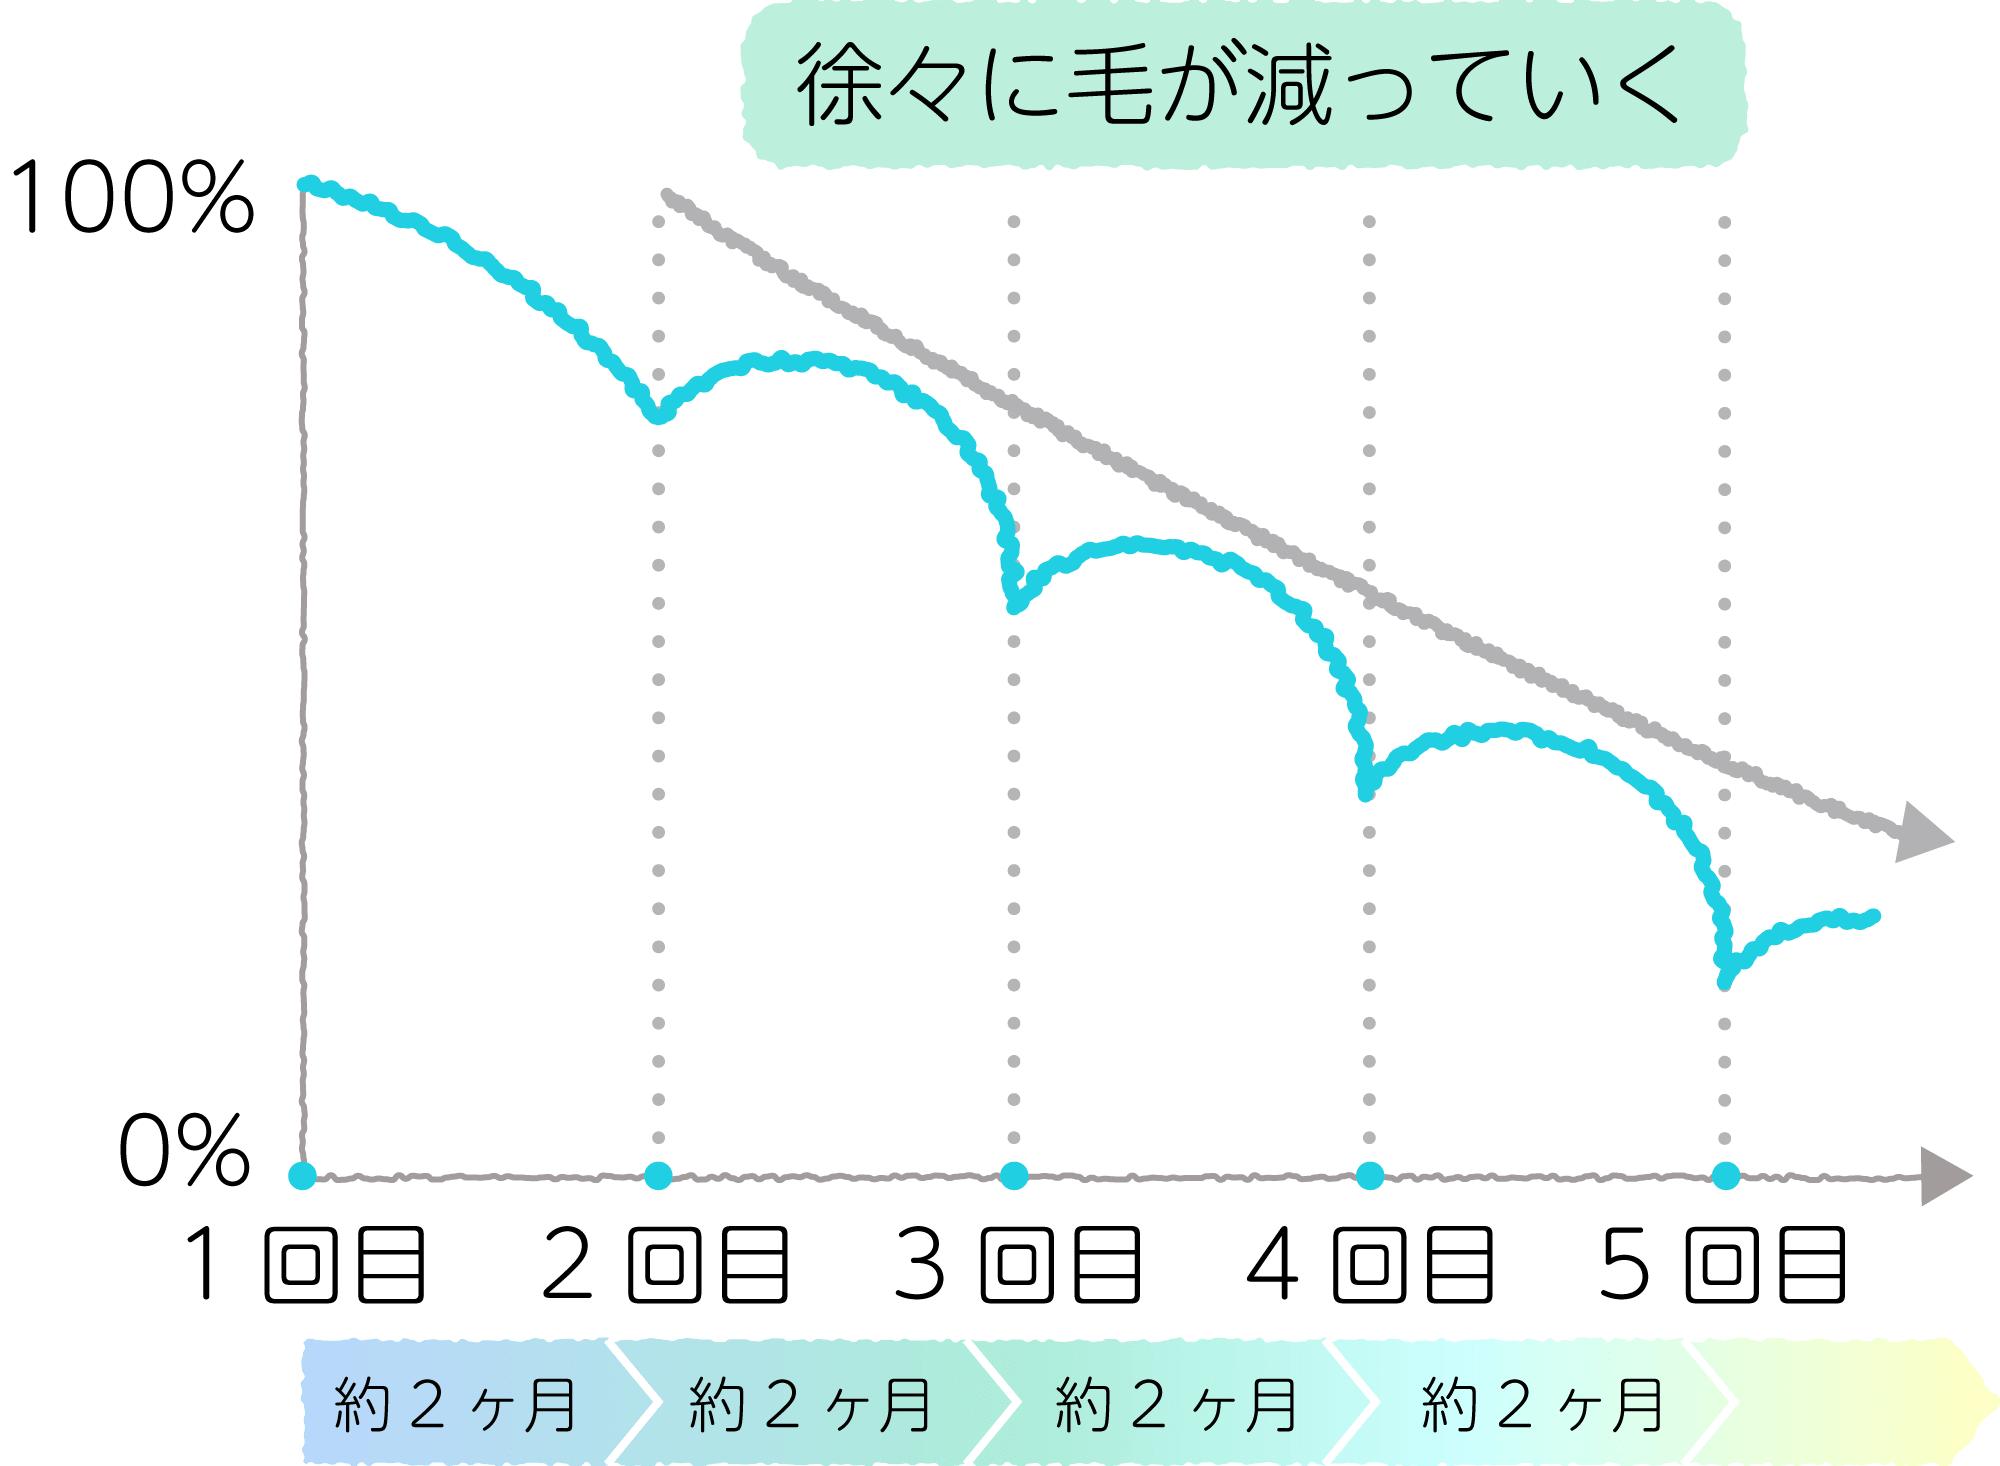 医療脱毛により毛が減る経過のグラフ